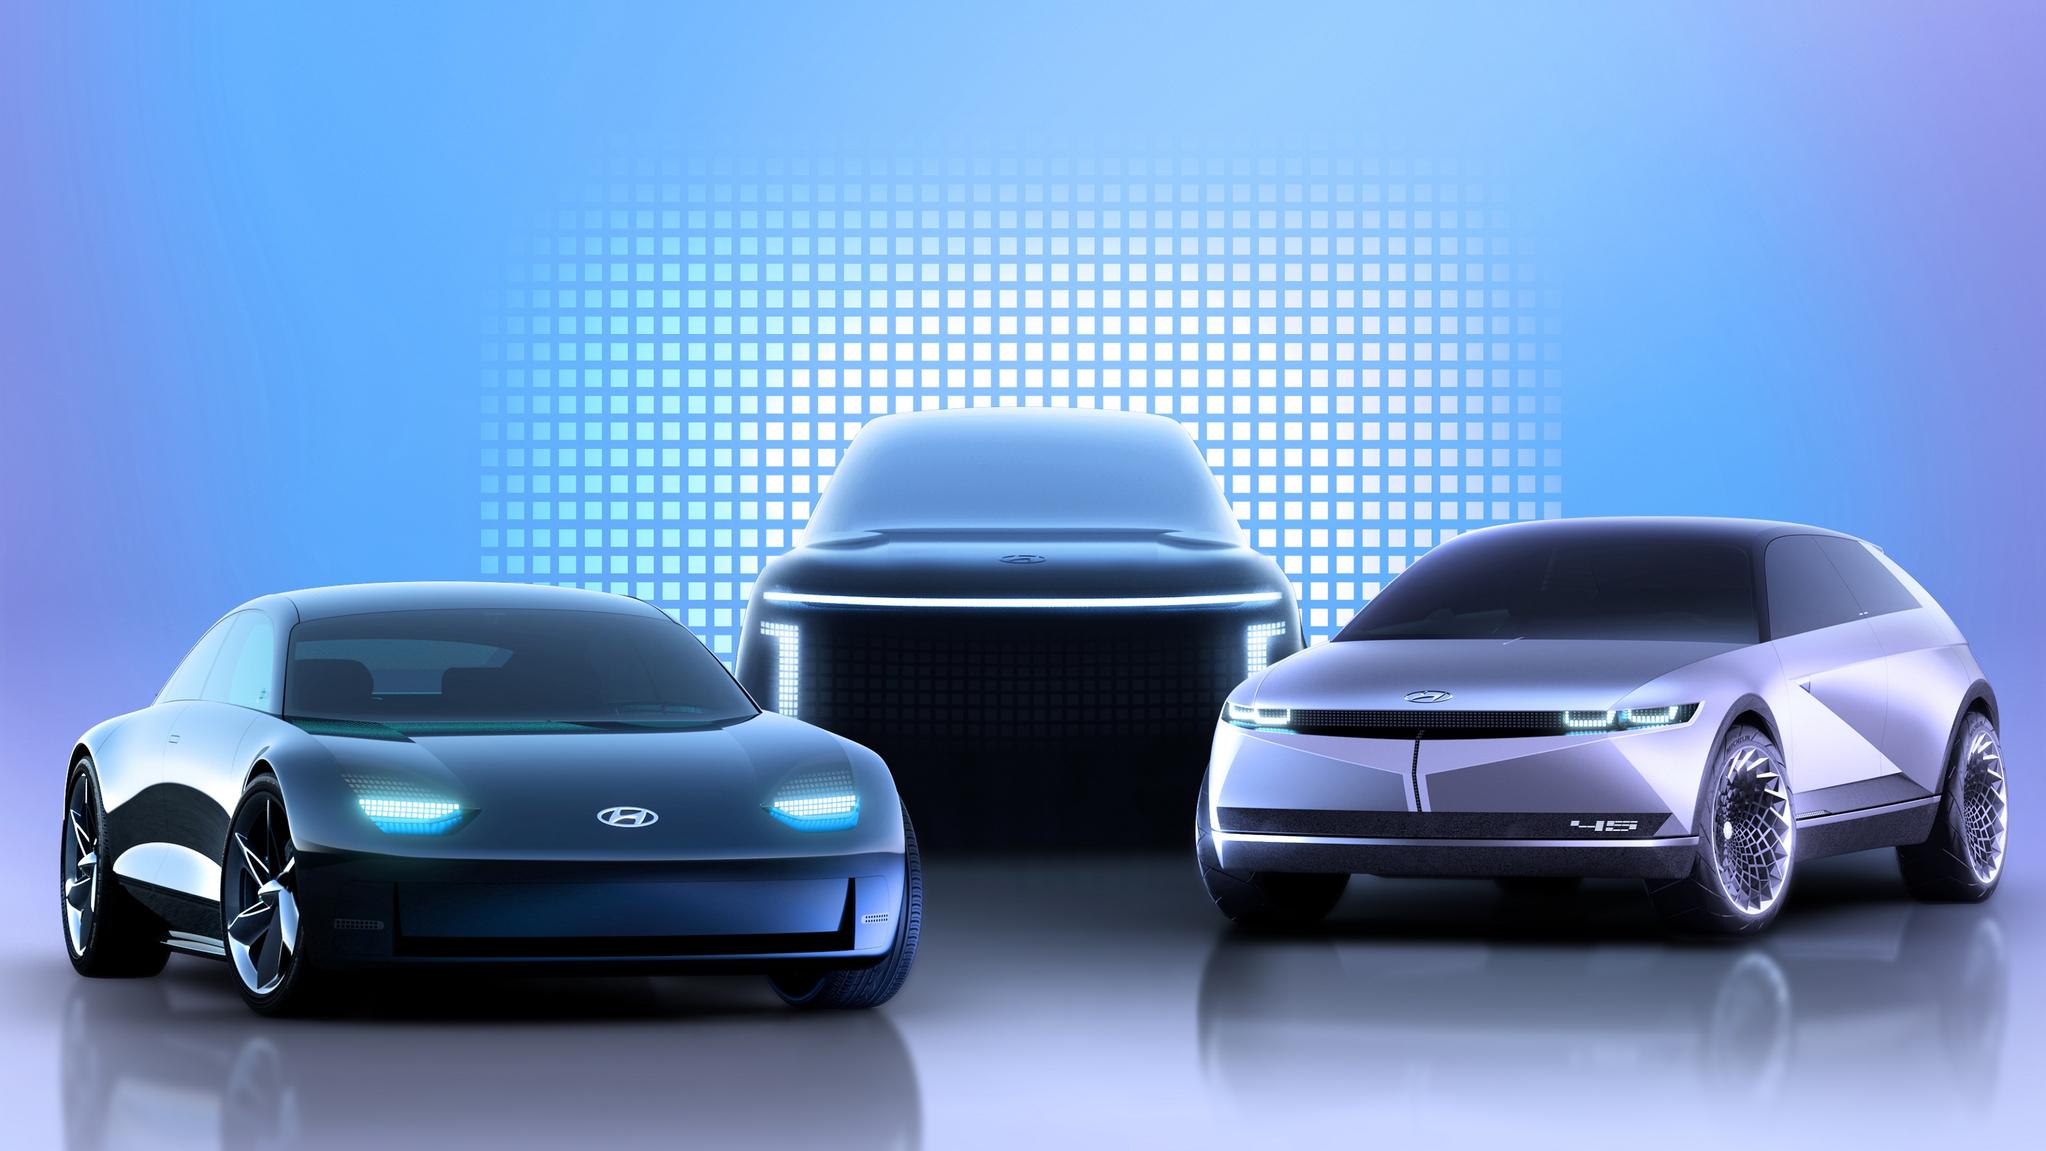 현대차의 전기차 브랜드 '아이오닉' 렌더링 이미지. 왼쪽부터 아이오닉 6, 아이오닉 7, 아이오닉 5.